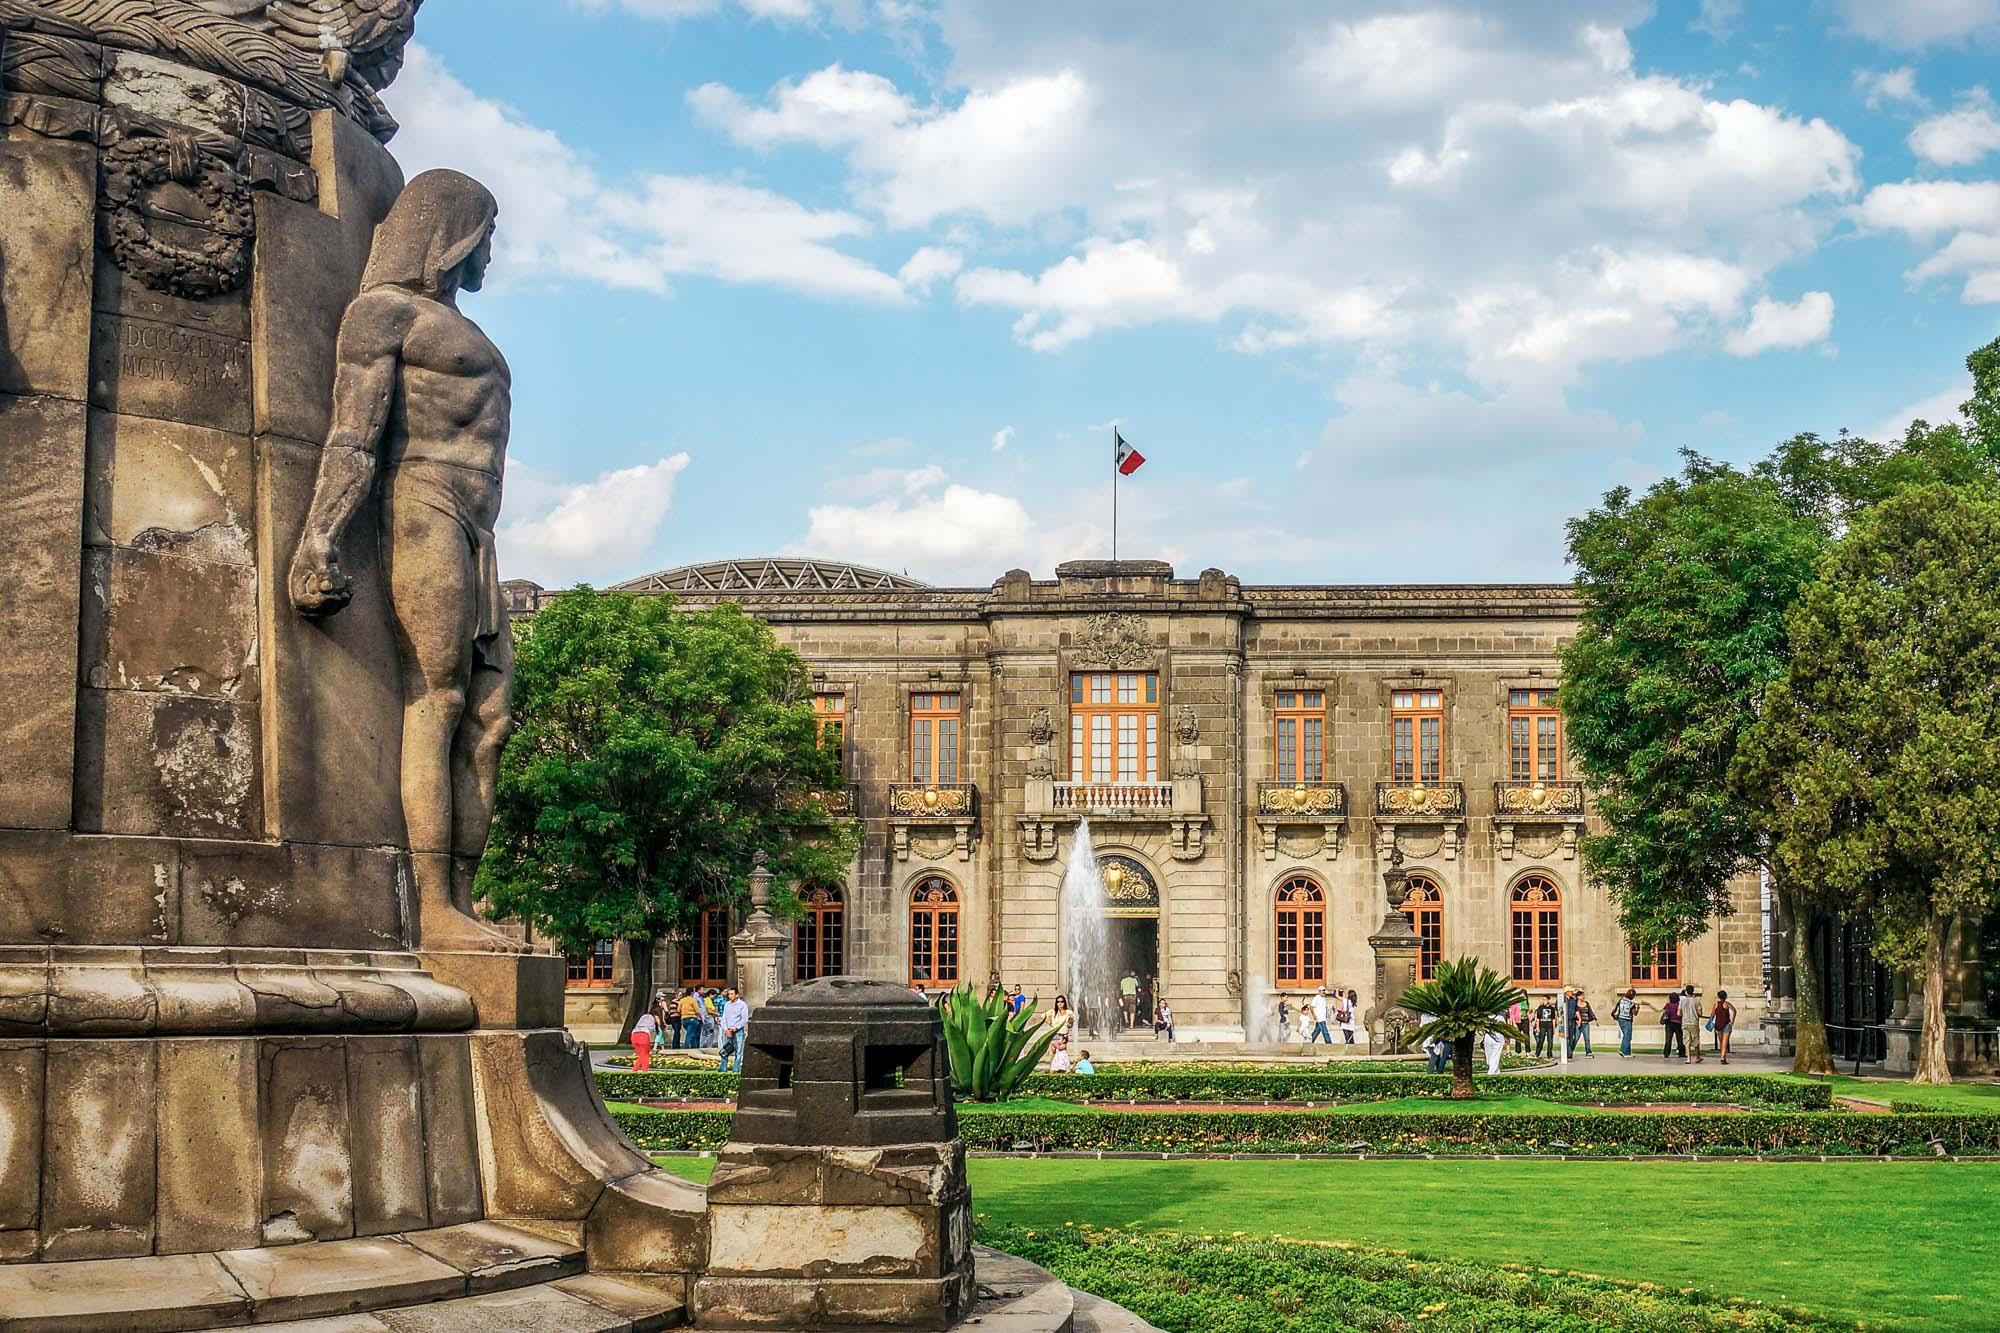 Castillo de Chapultepec in Mexico City